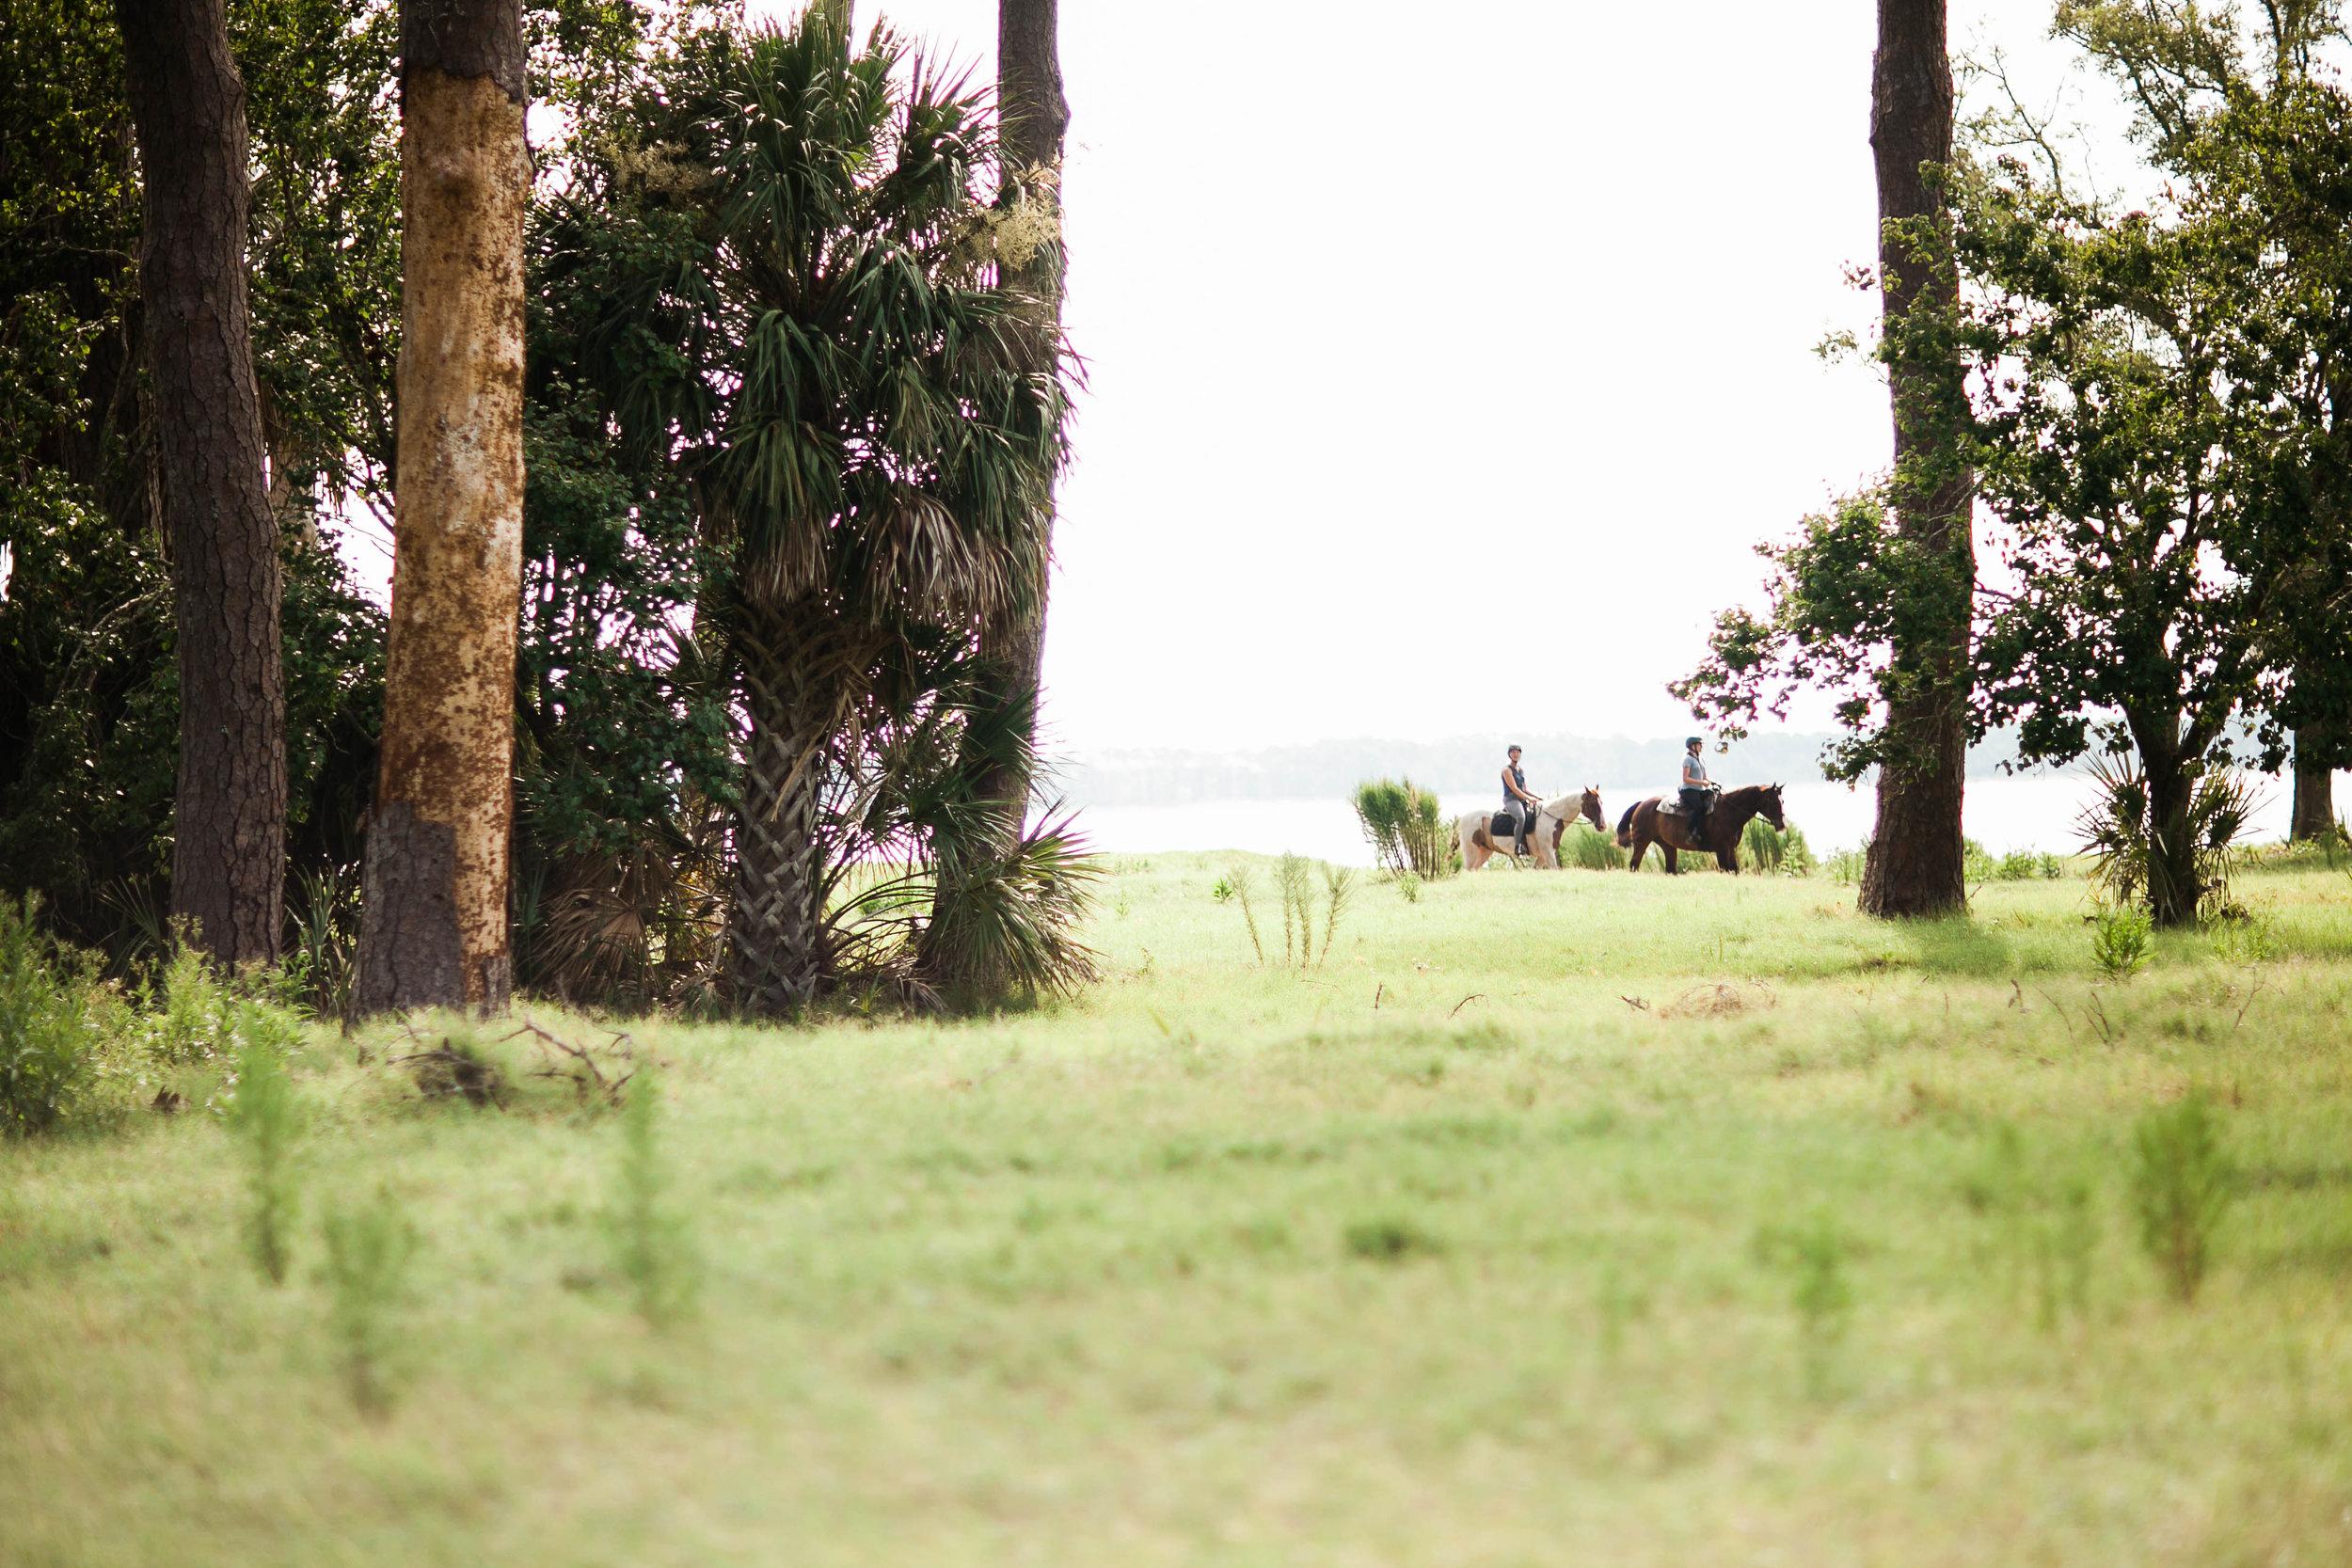 cassandra.dunning-72.jpg